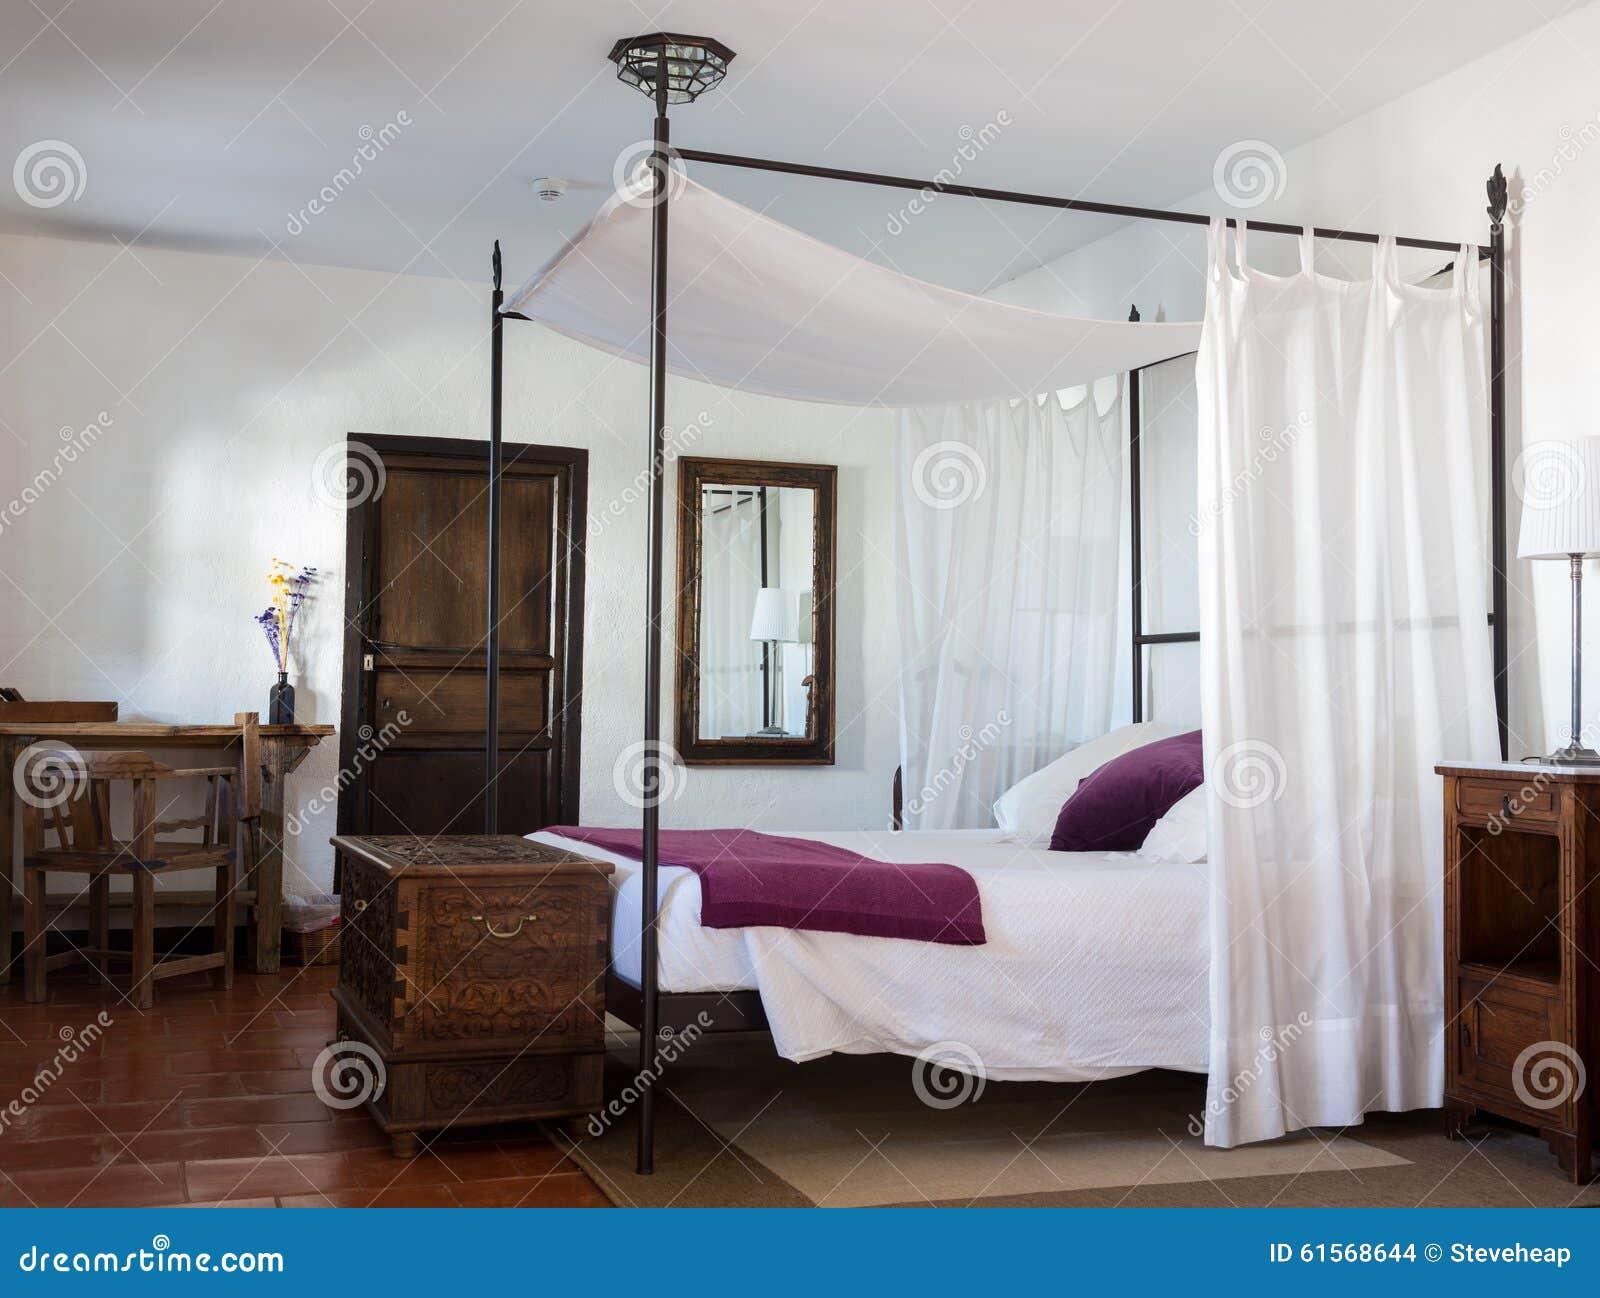 Camera da letto rustica in albergo di lusso fotografia - Camere da letto matrimoniali rustiche ...